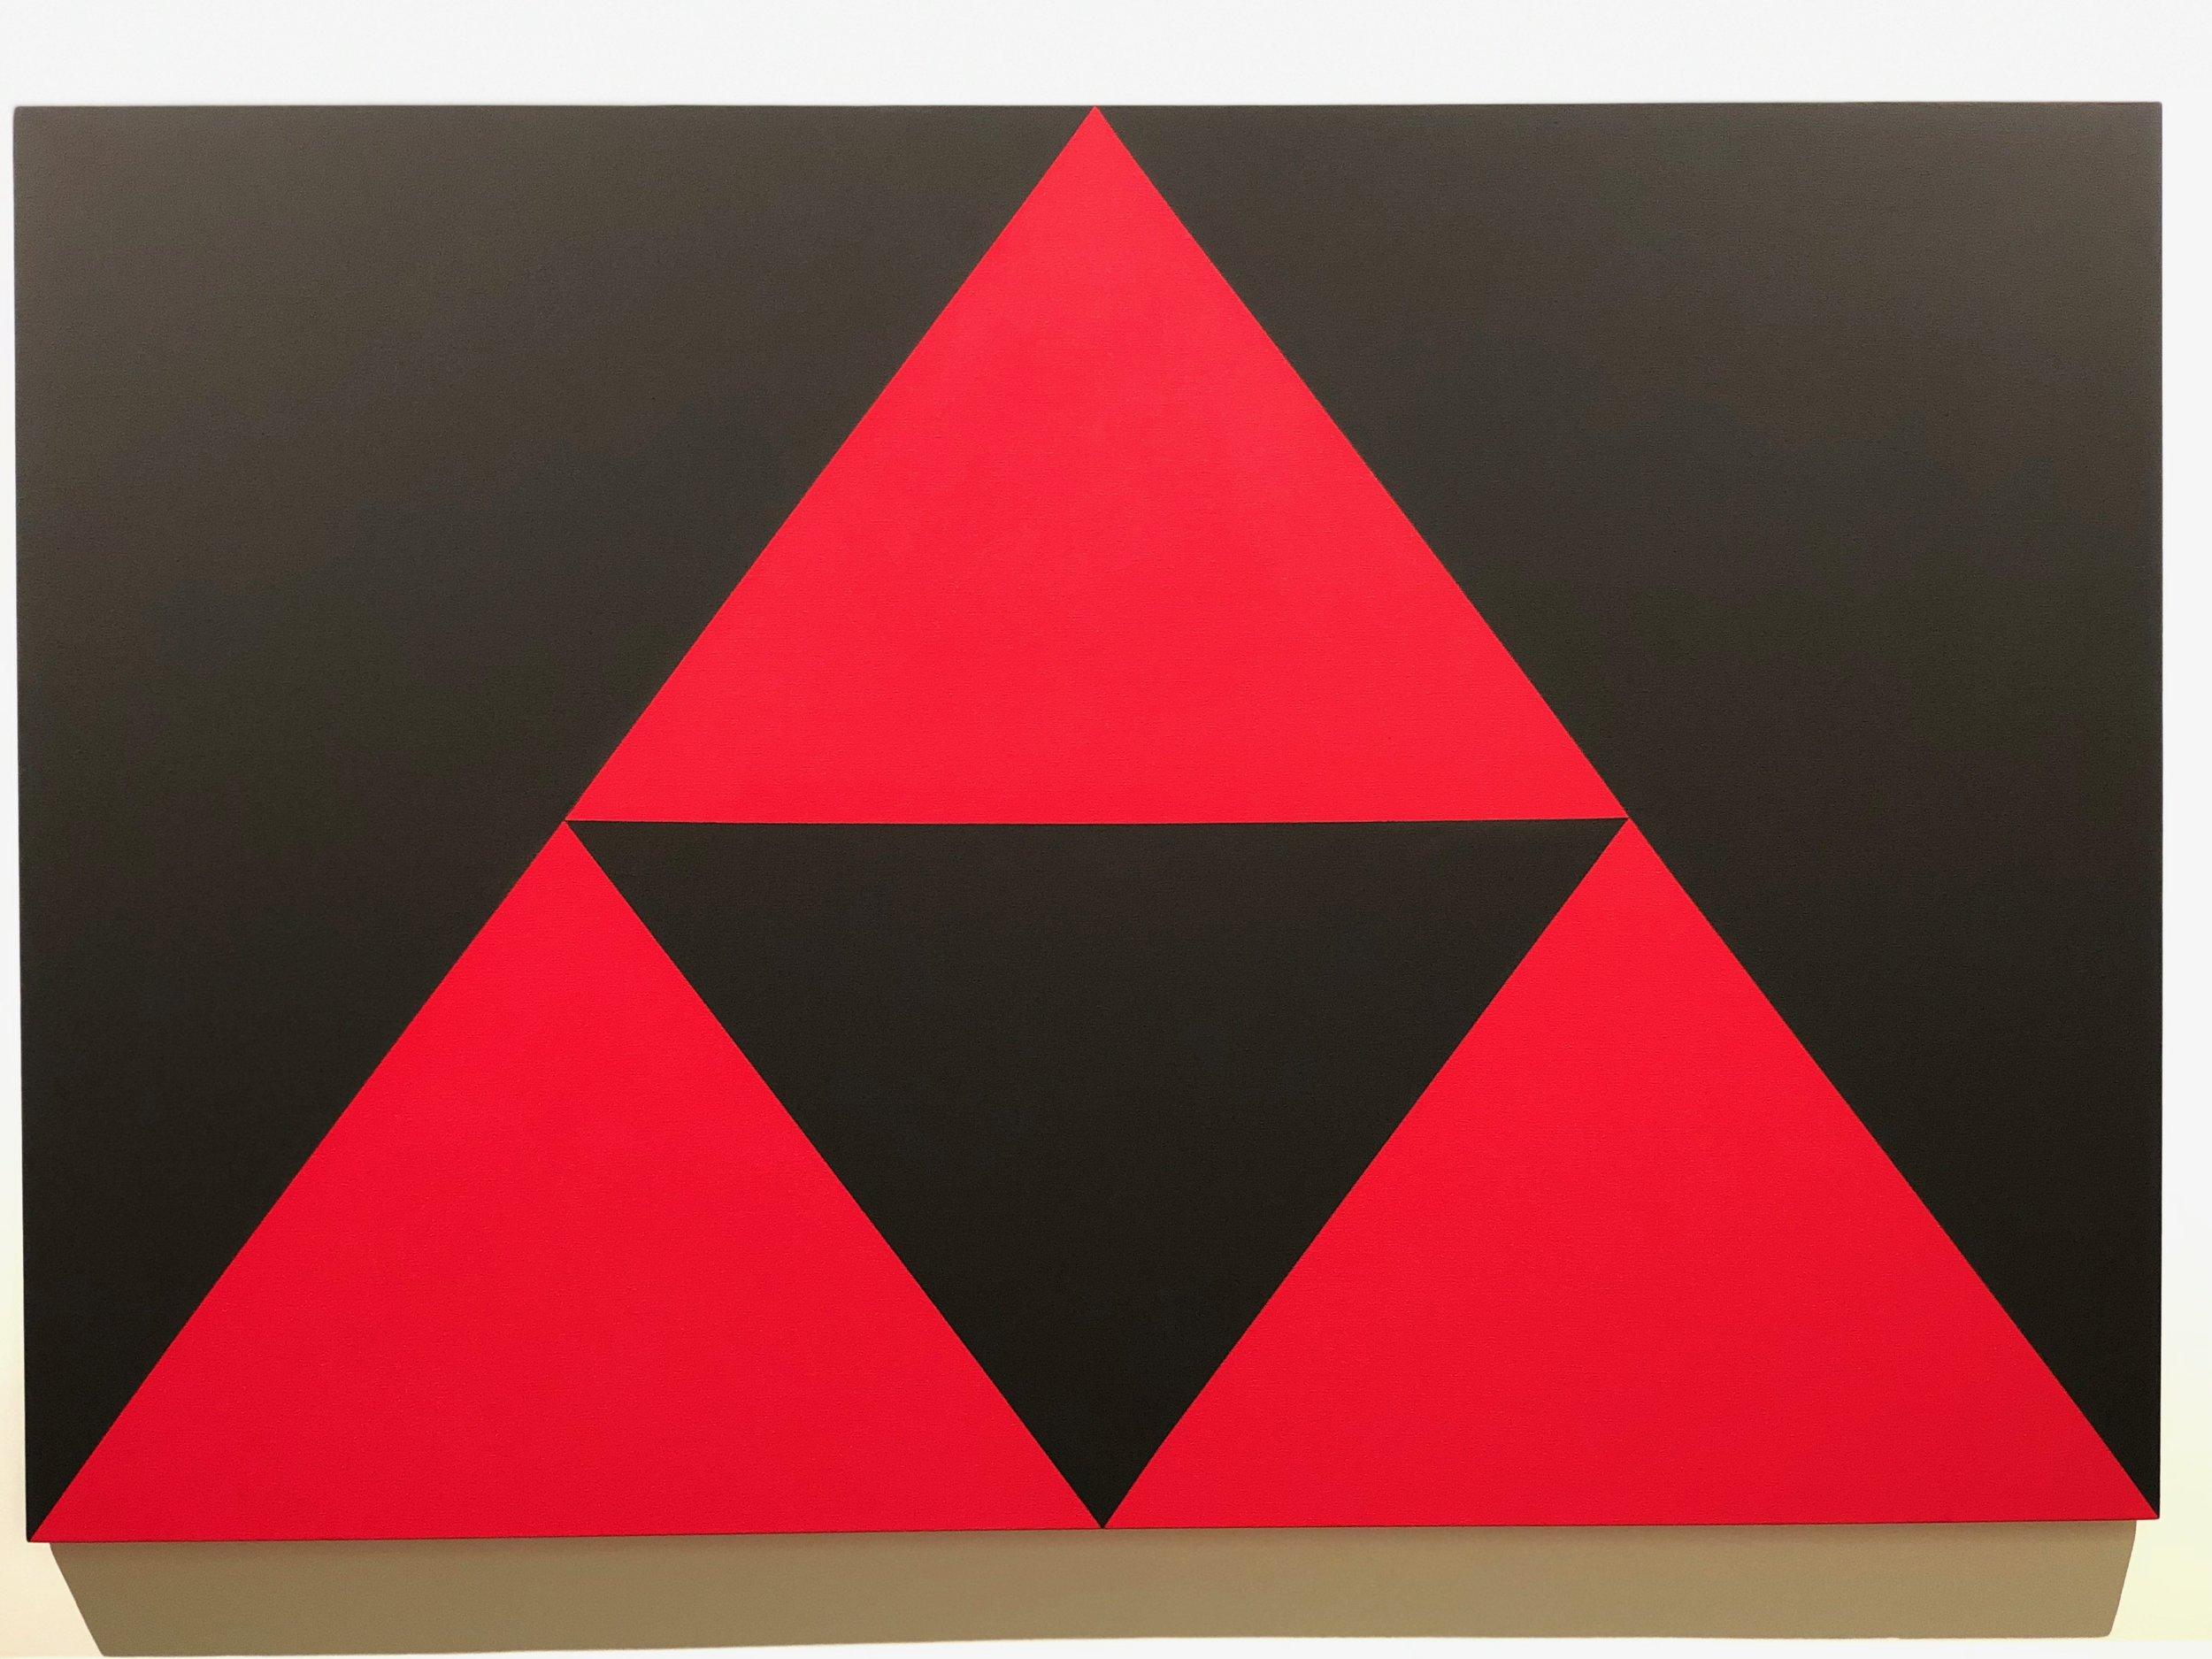 Above; Carmen Herrera (b. 1915, Cuba) 3 Red Triangles, 2016